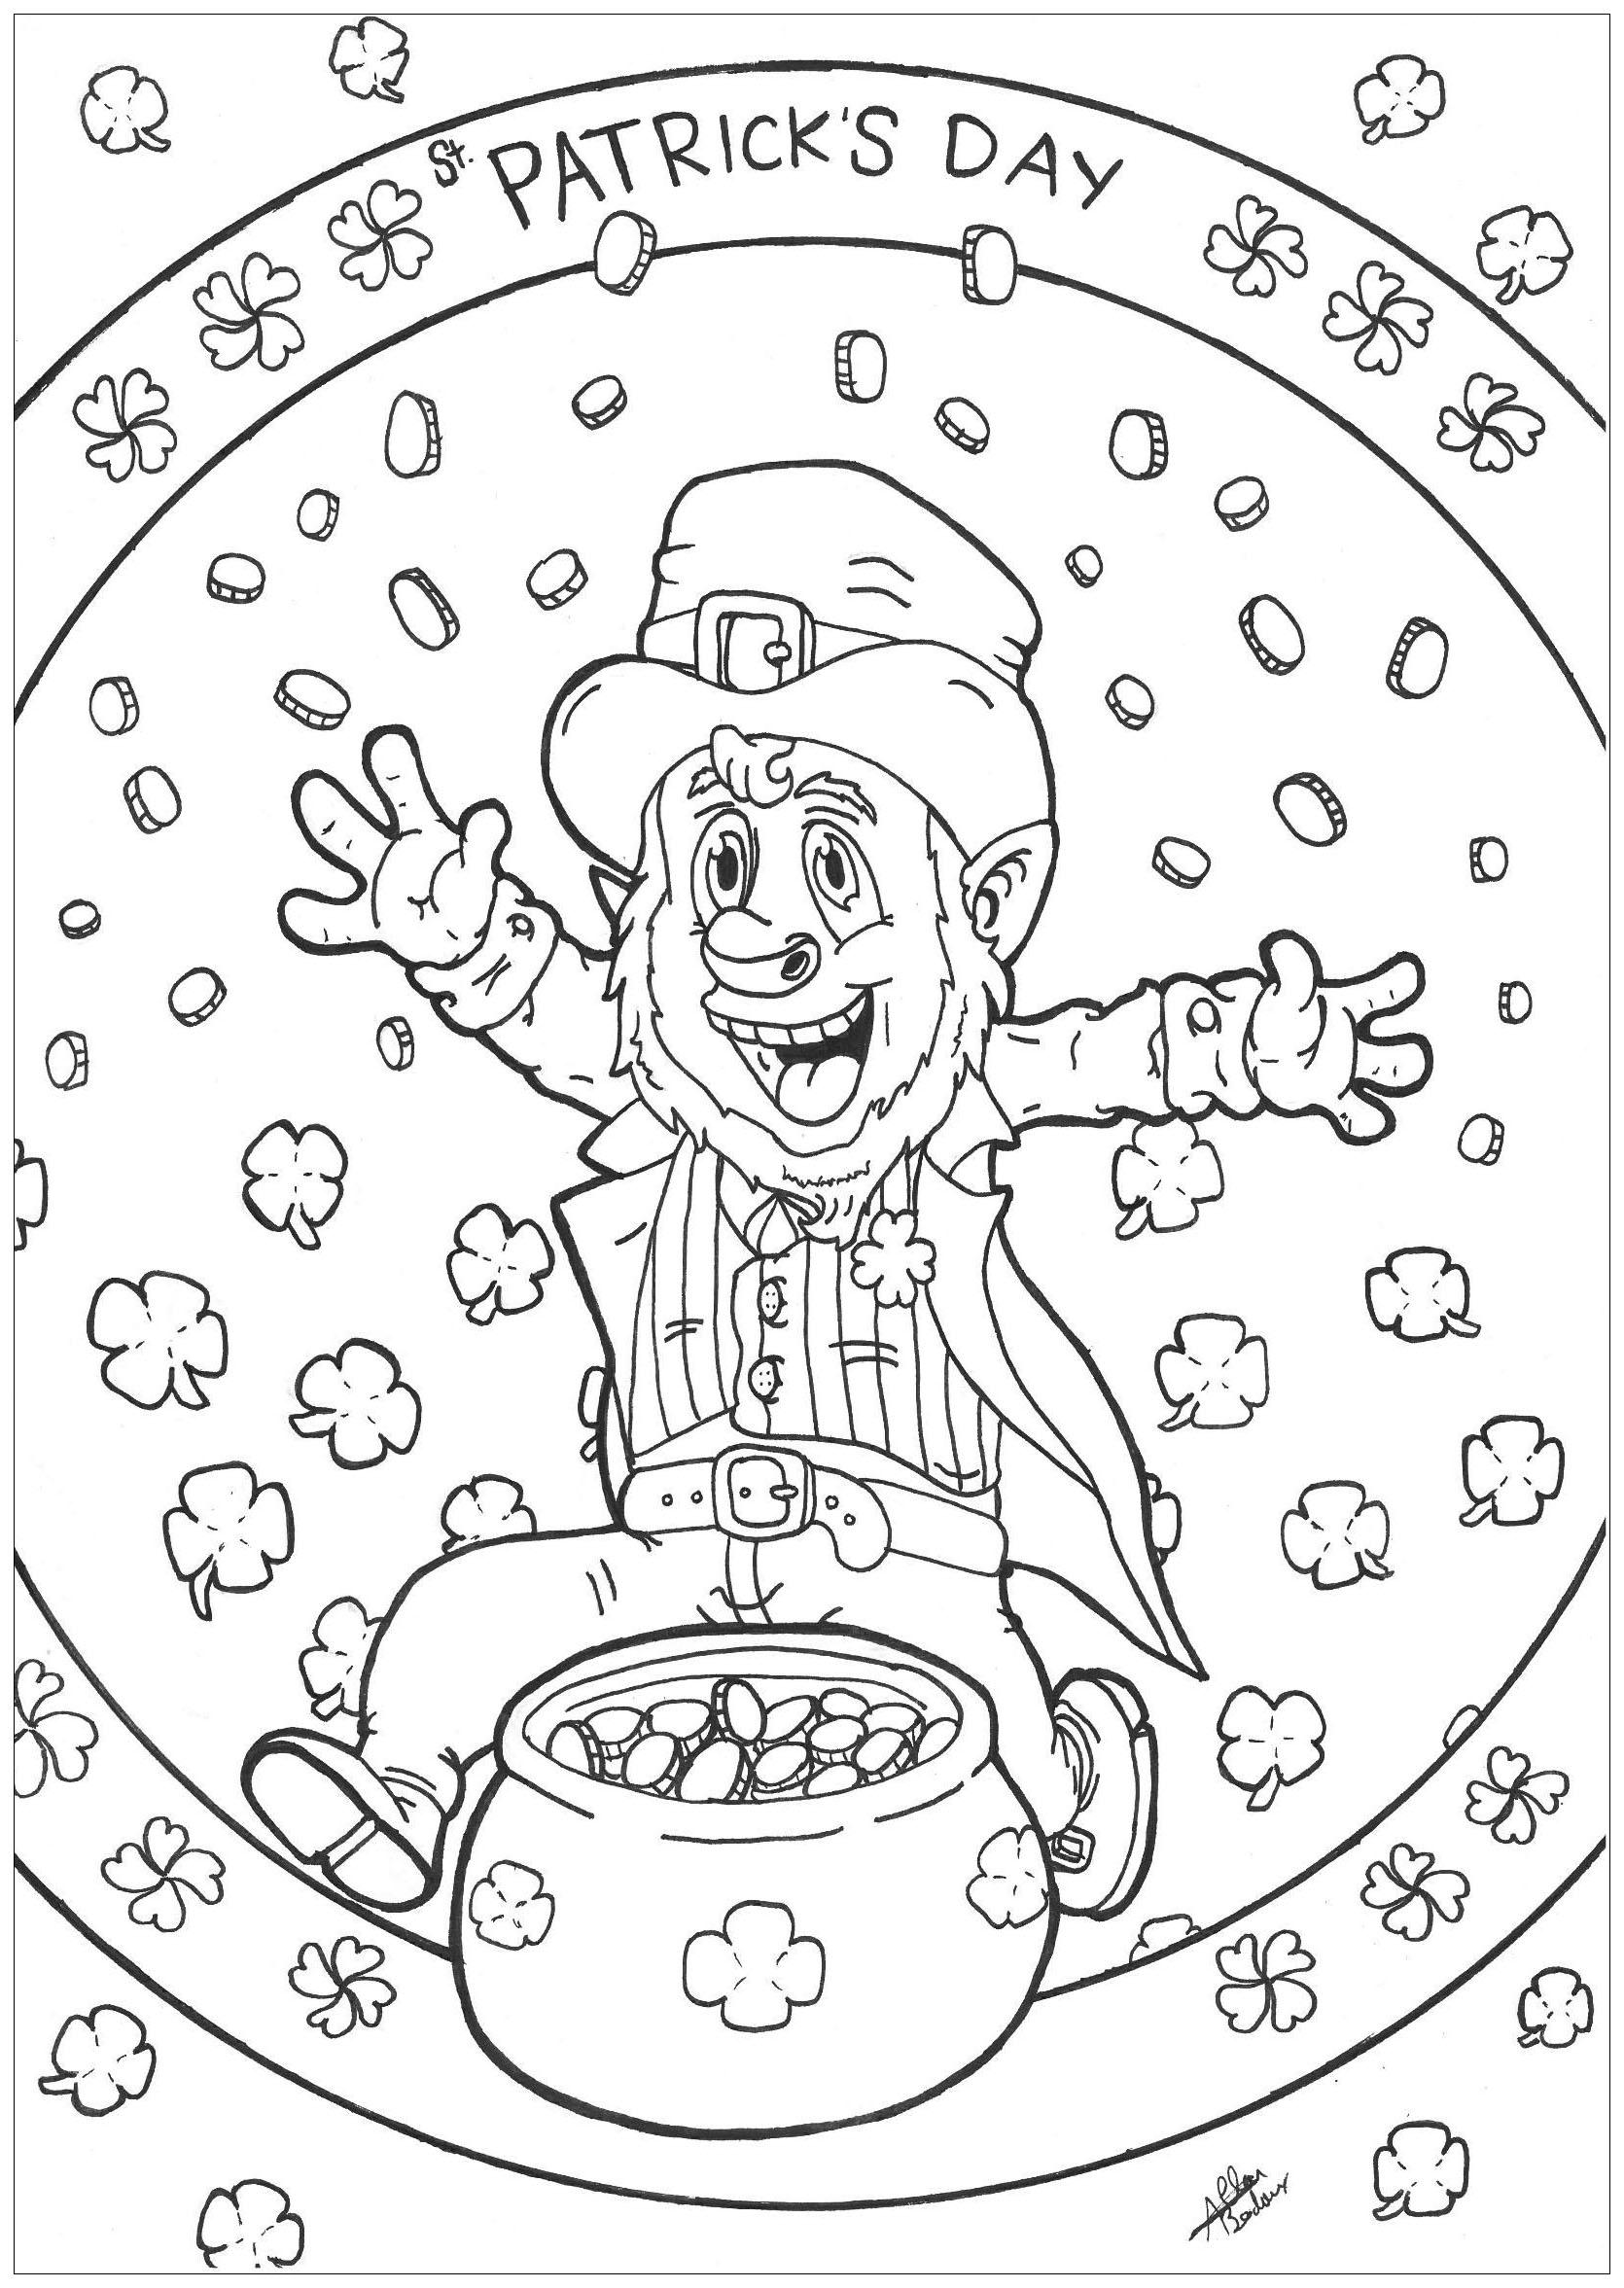 Coloriage d'un Leprechaun célébrant la Saint Patrick avec son chaudron rempli de pièces d'or